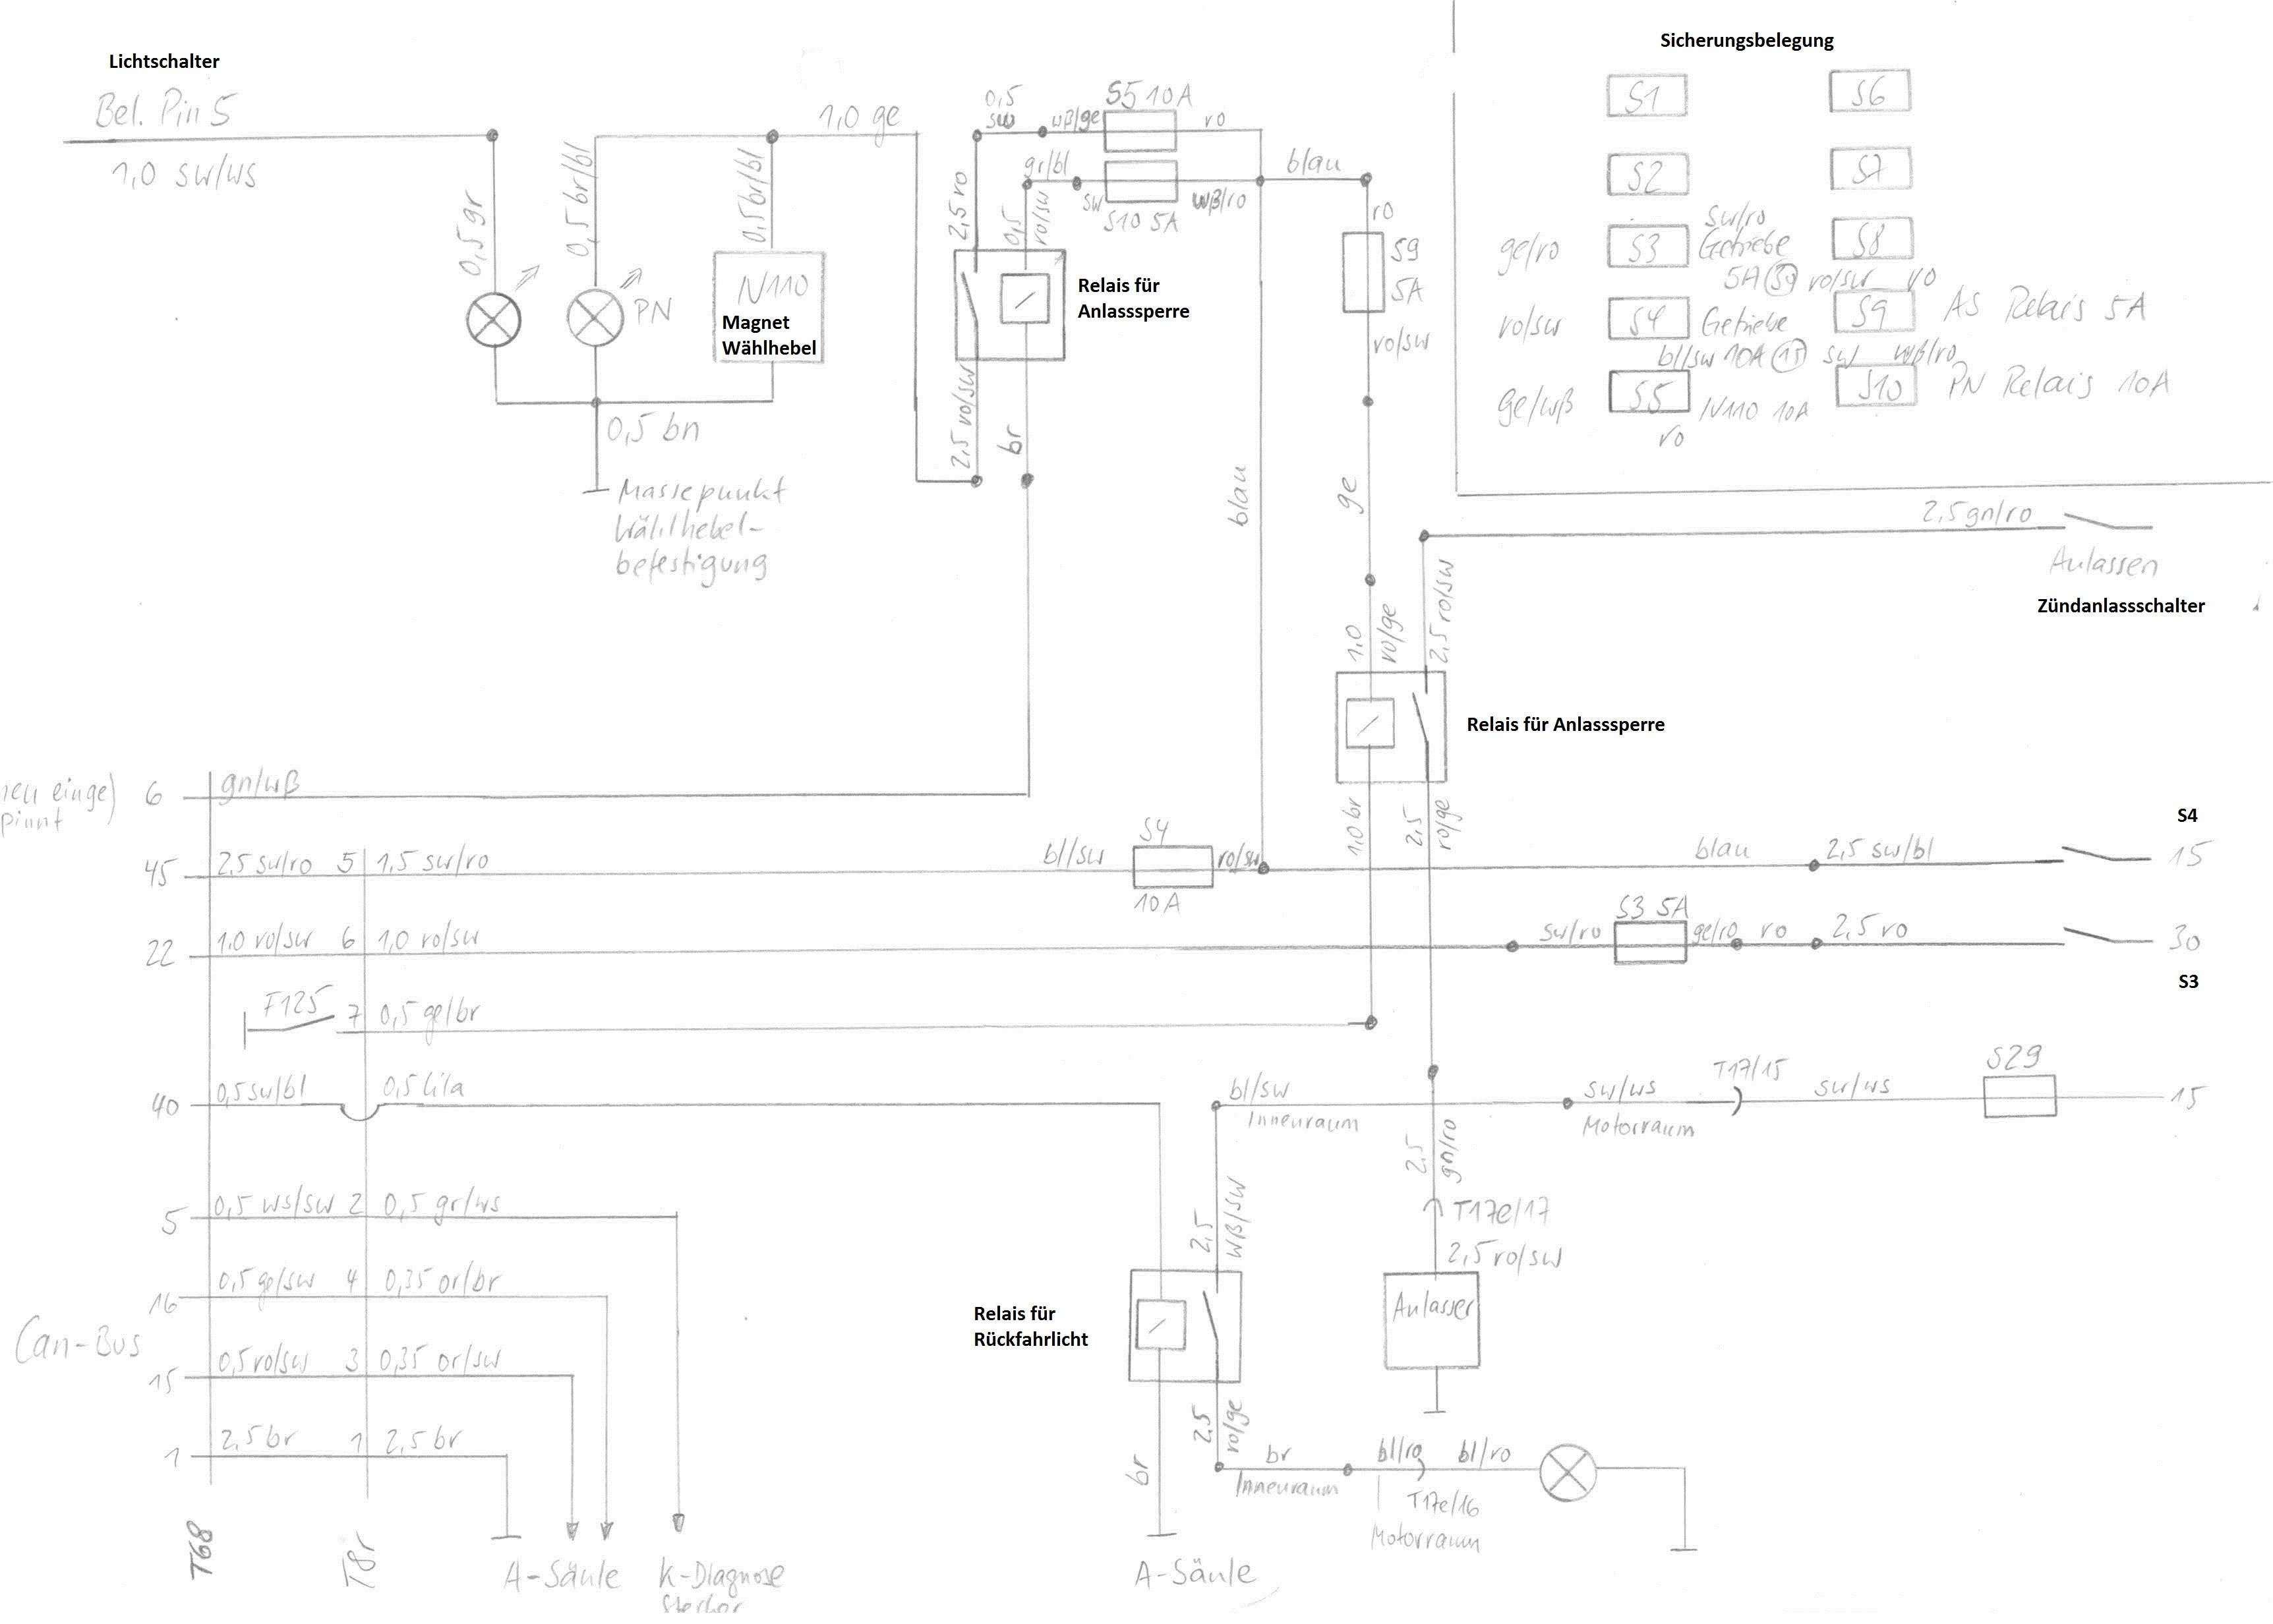 Automatikgetriebe nachrüsten - Seite 2 - Ausstattungen & Umbauten ...